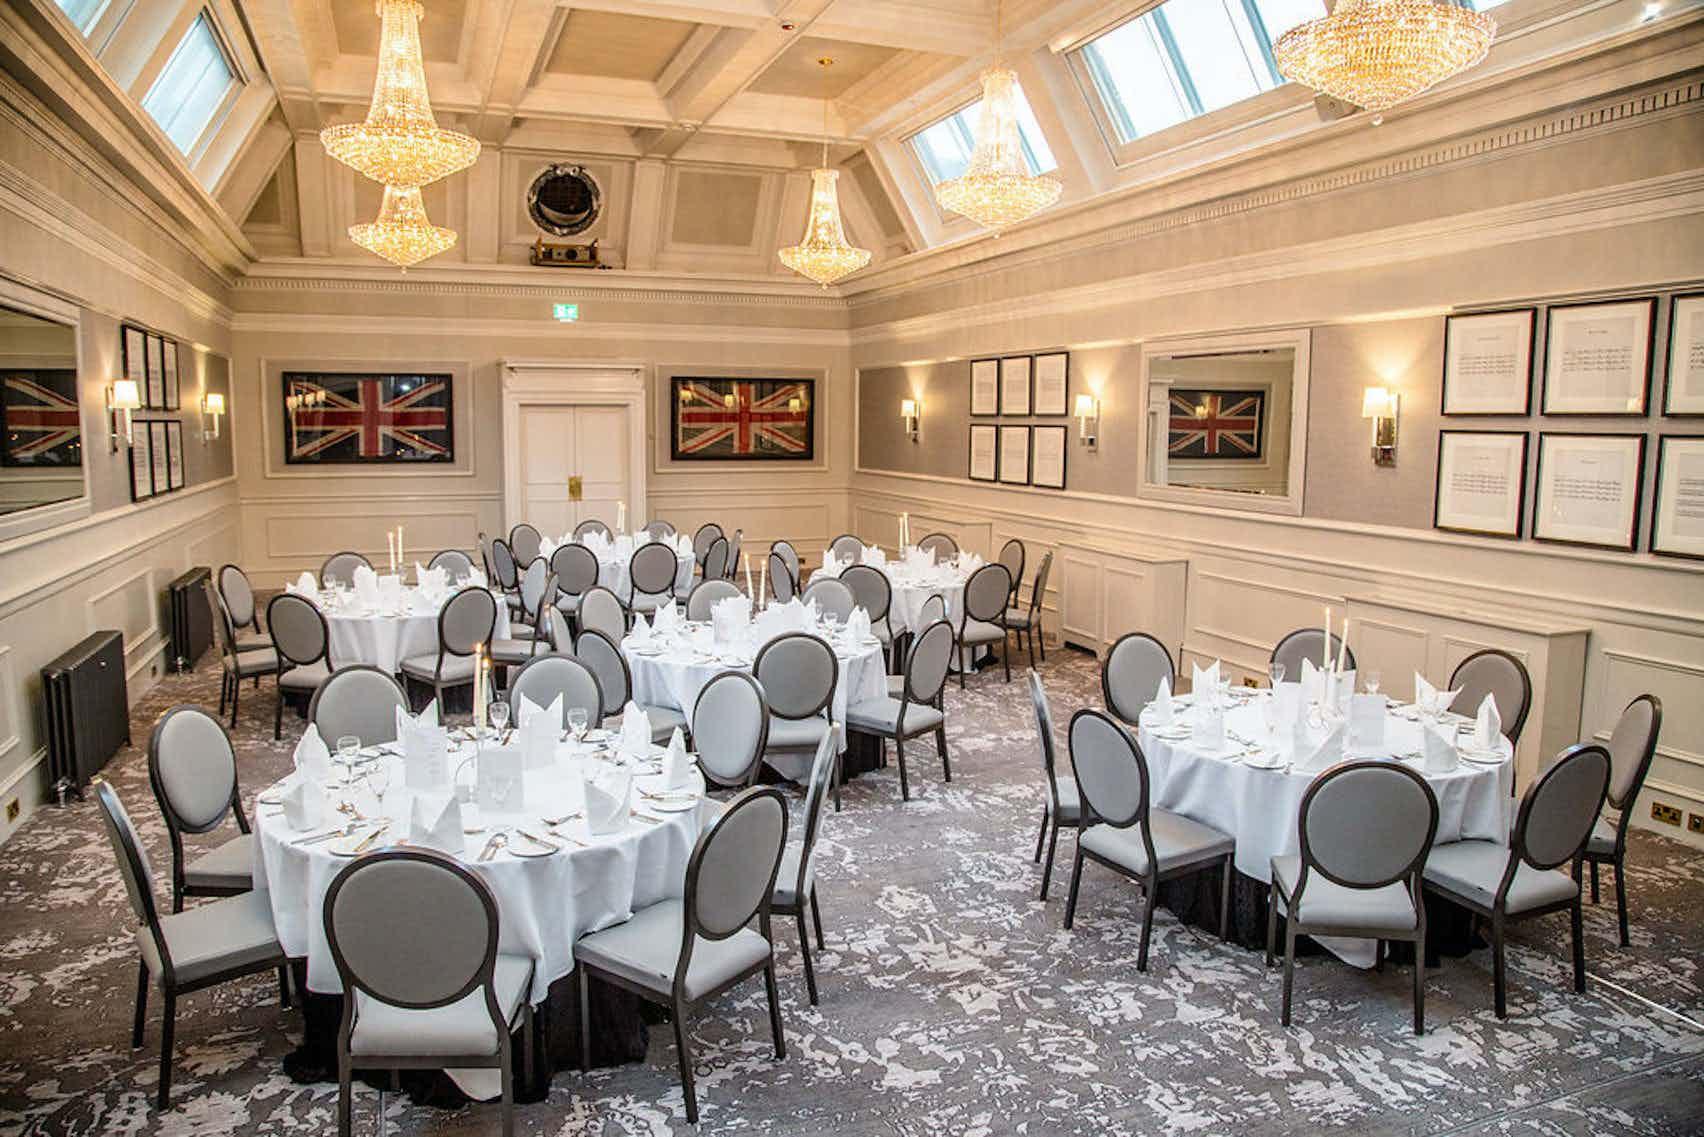 The Hepburn Suite, Royal Scots Club